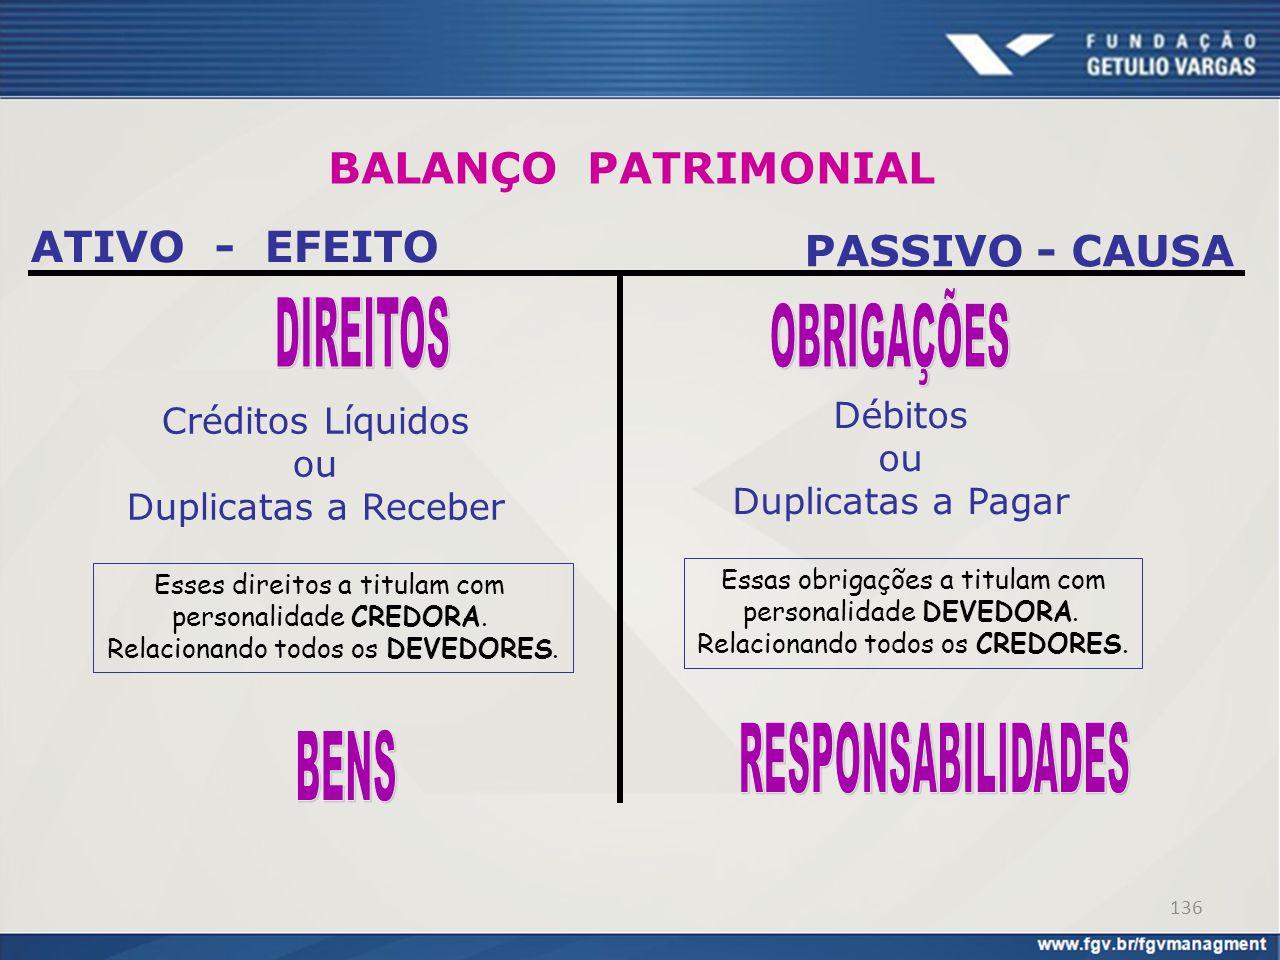 OBRIGAÇÕES DIREITOS RESPONSABILIDADES BENS BALANÇO PATRIMONIAL